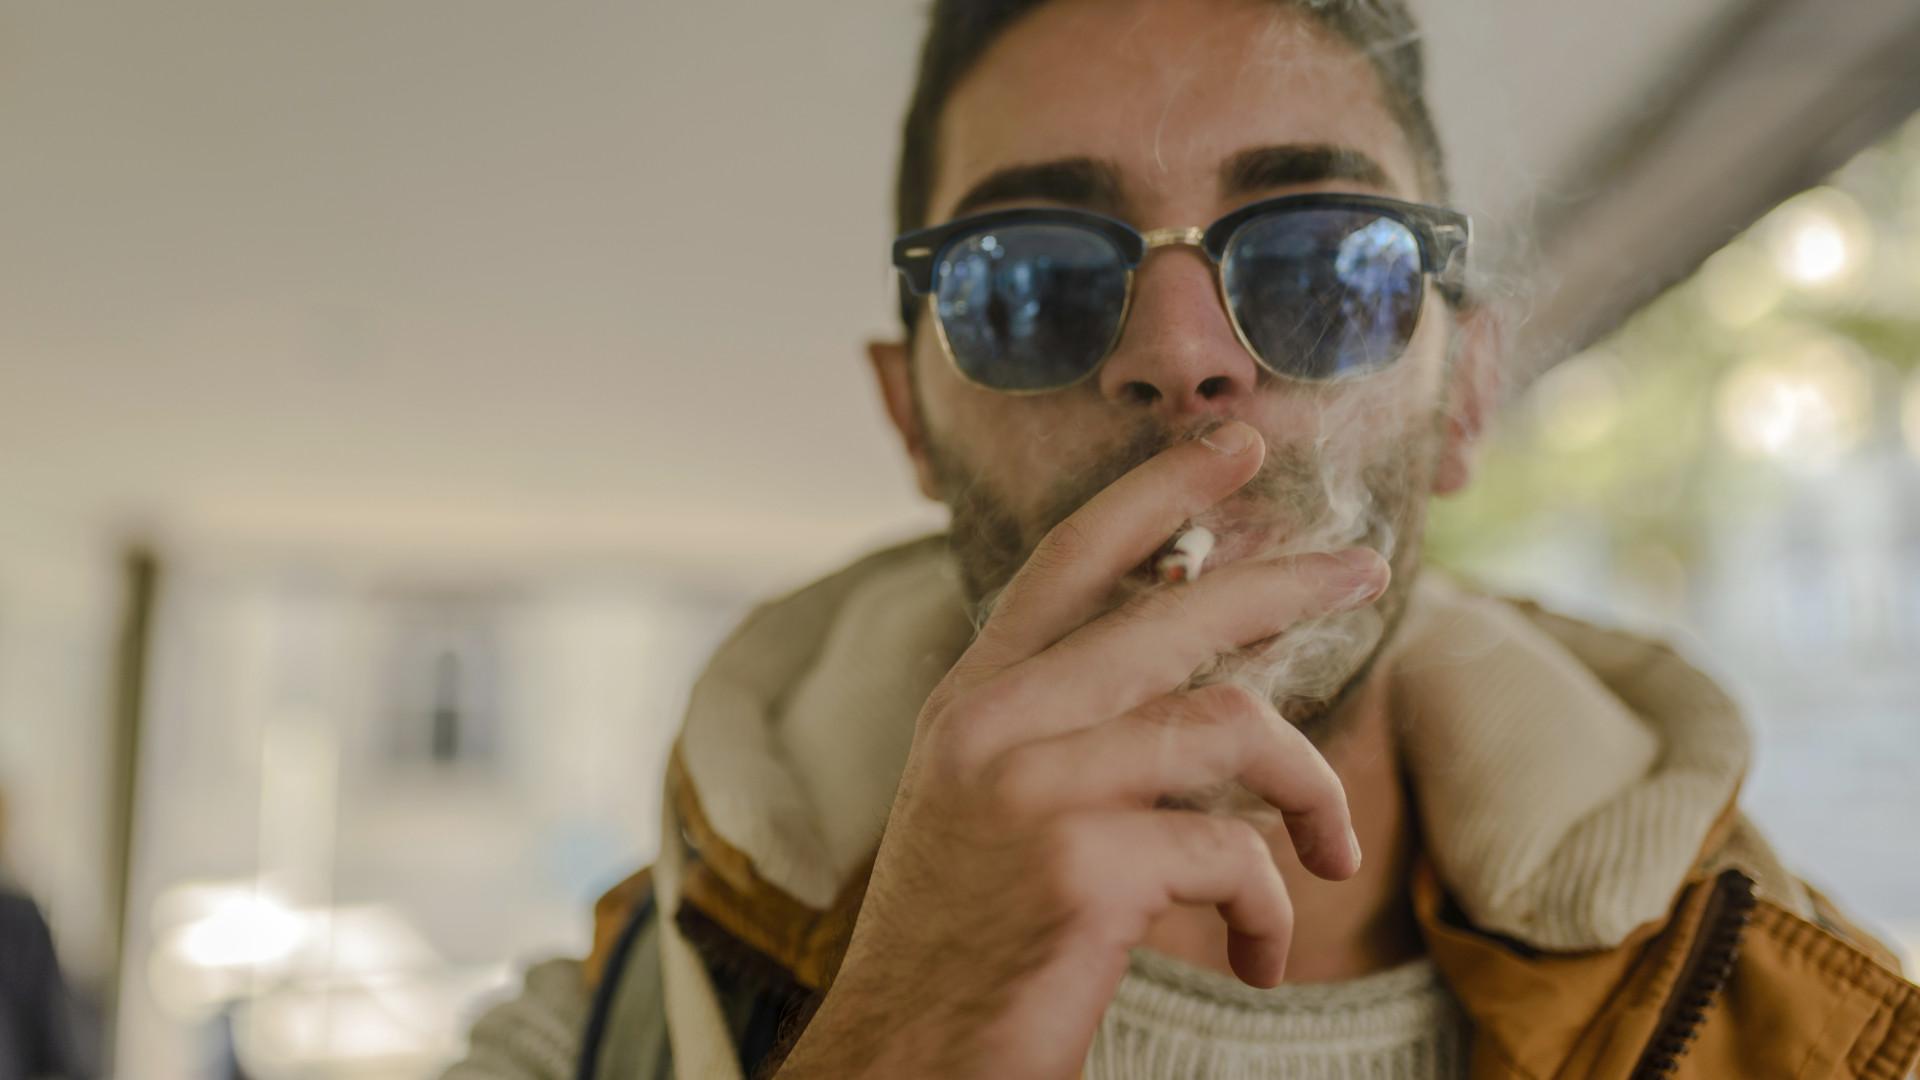 Fuma 'apenas' um cigarro por dia? Os riscos não são poucos...